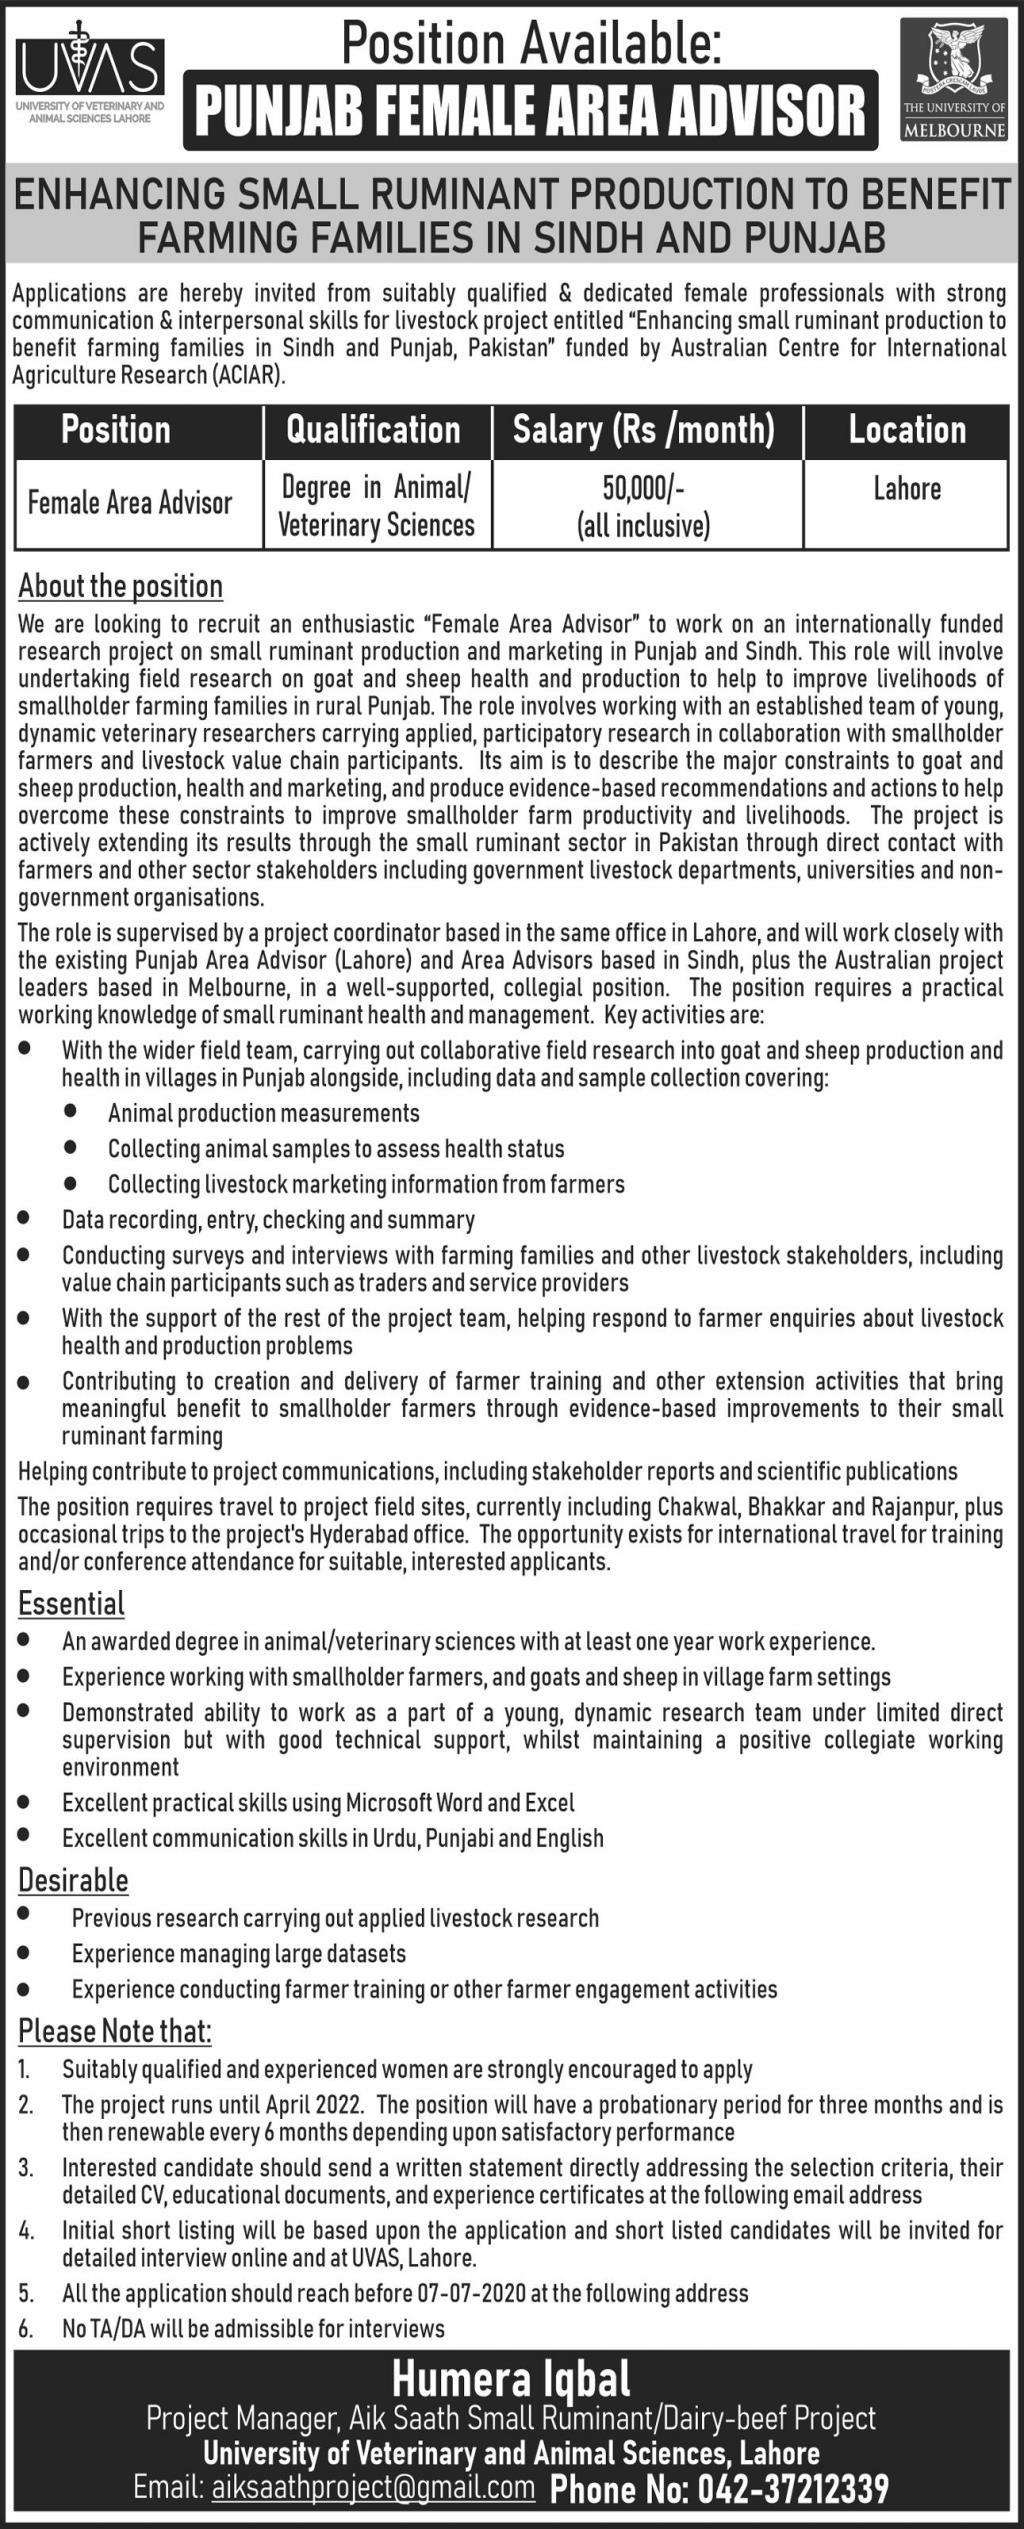 Punjab Female Area Advisor Job 2020 in Lahore